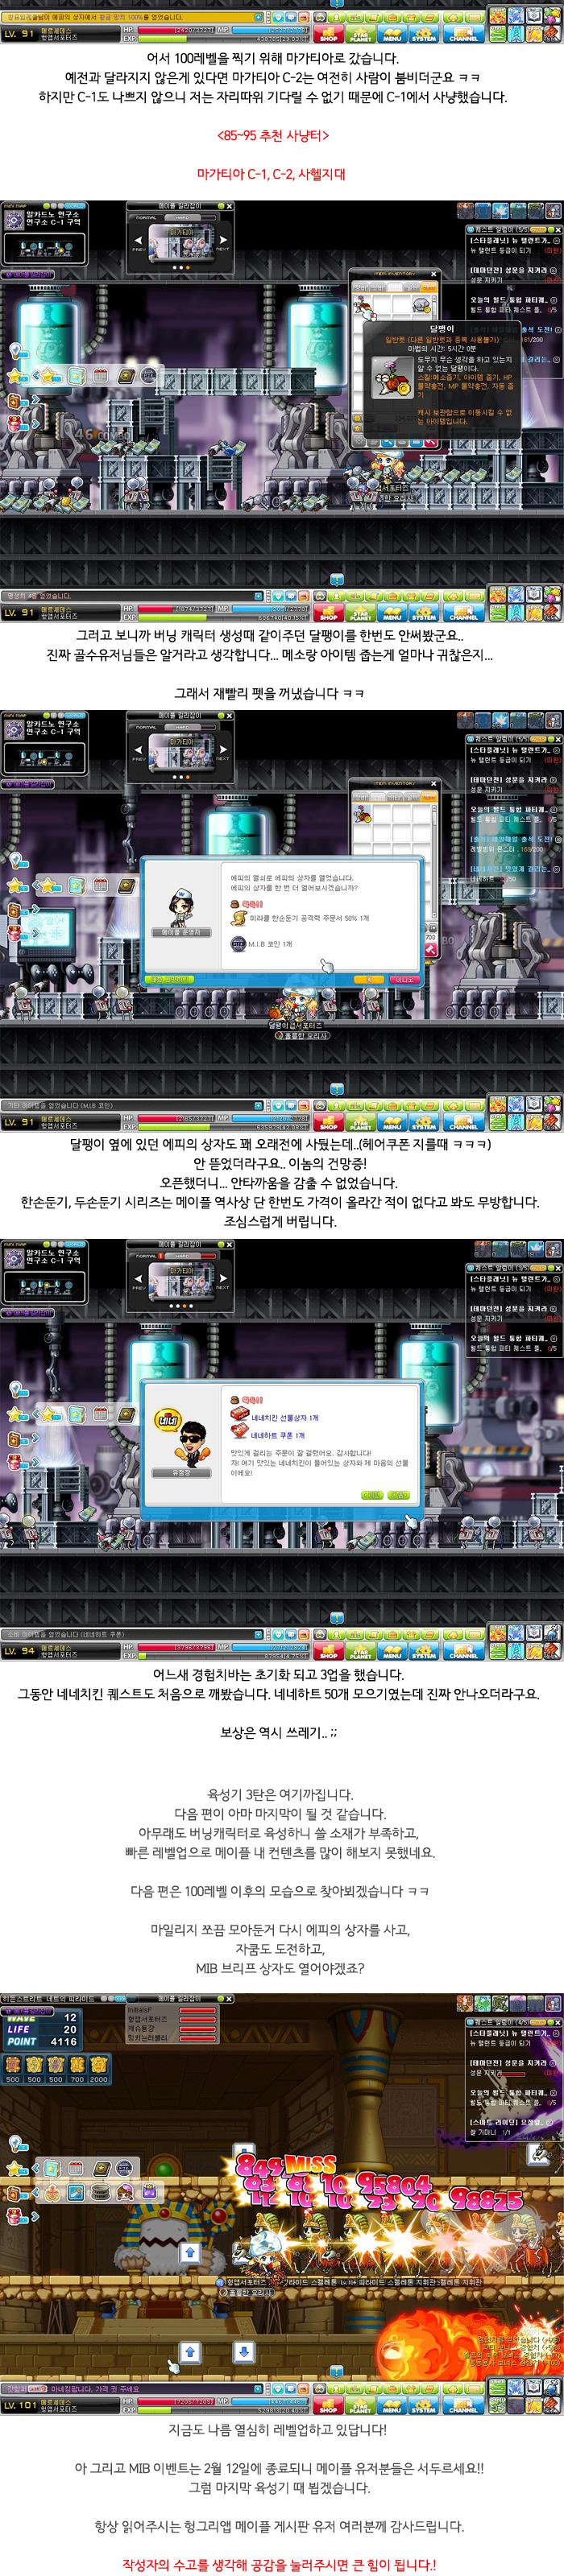 메이플 육성기3-4.png